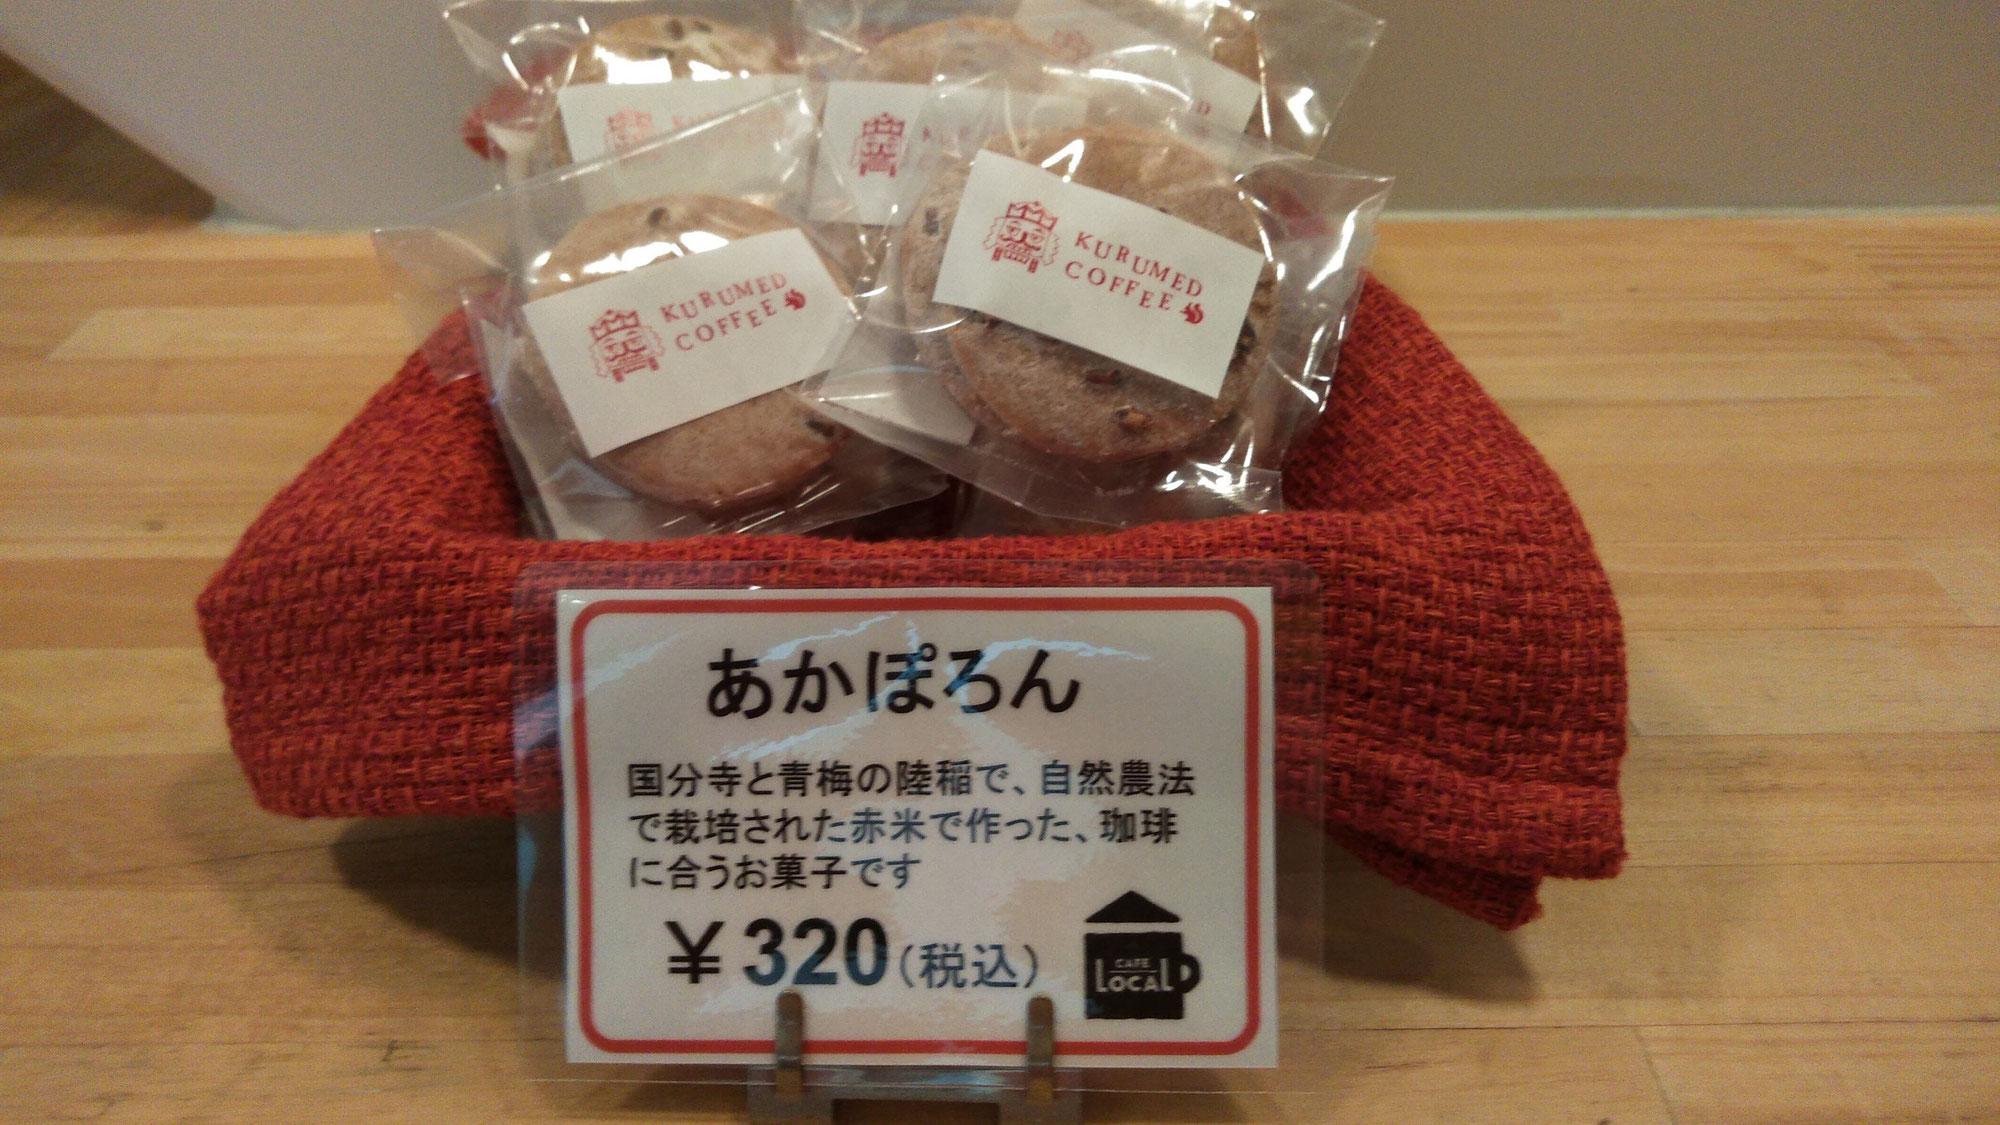 国分寺ならではのお菓子「あかぽろん」